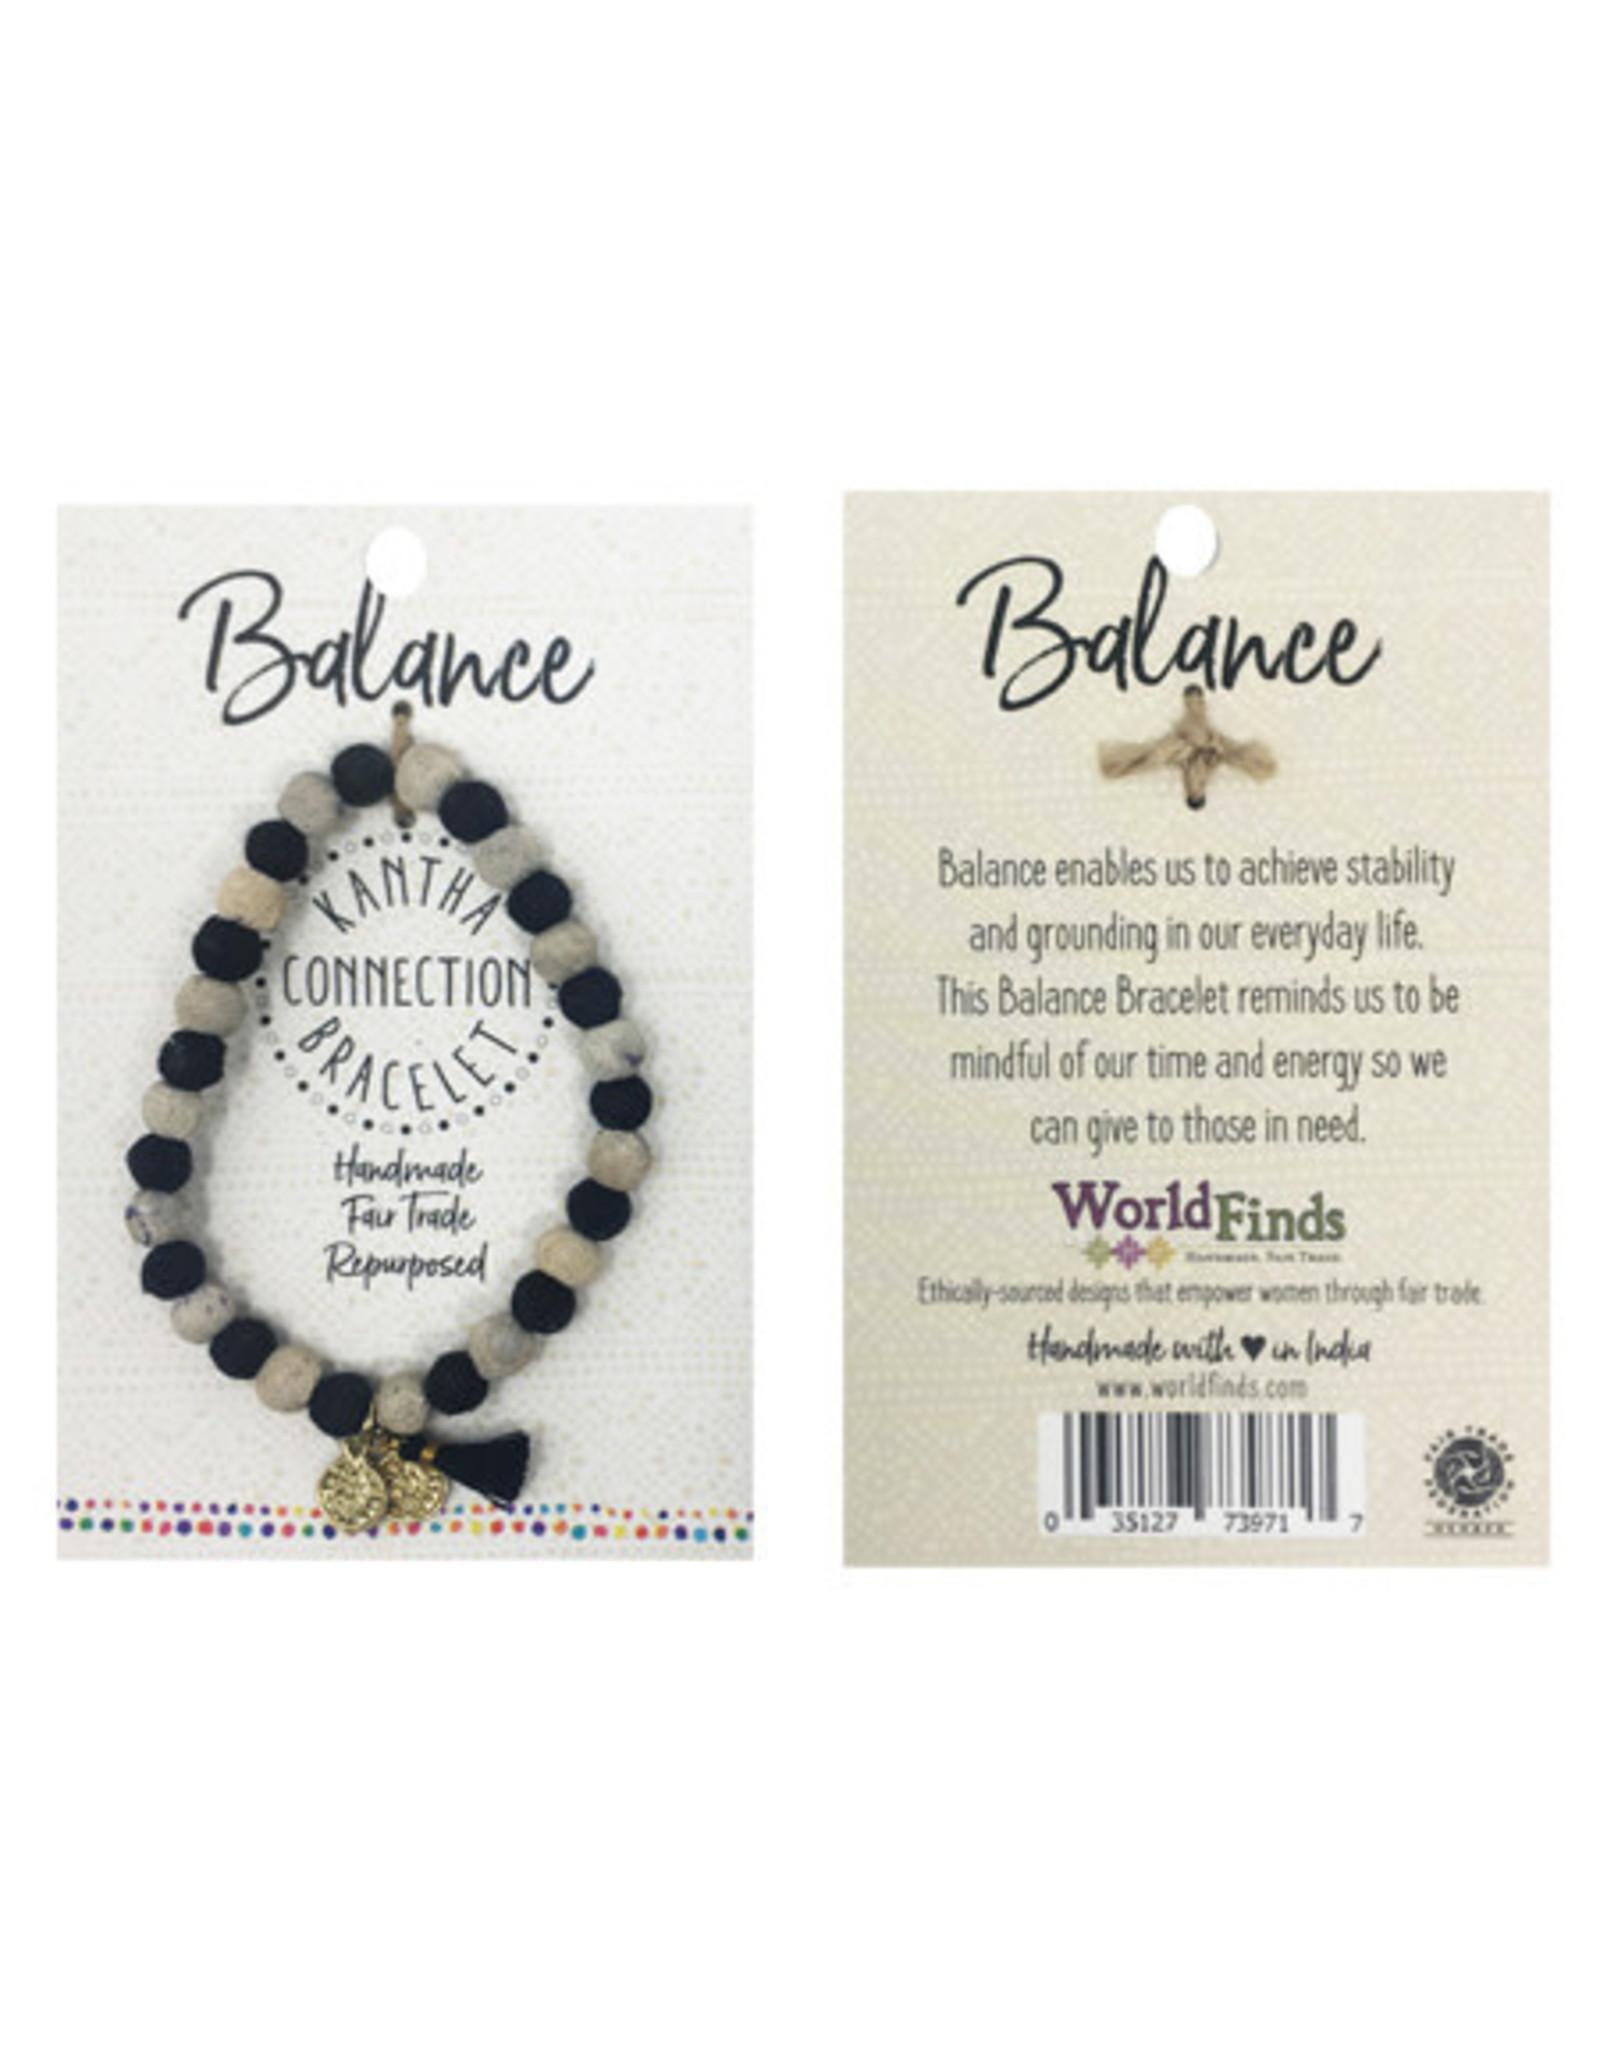 Kantha Connection Bracelet, Balance, India